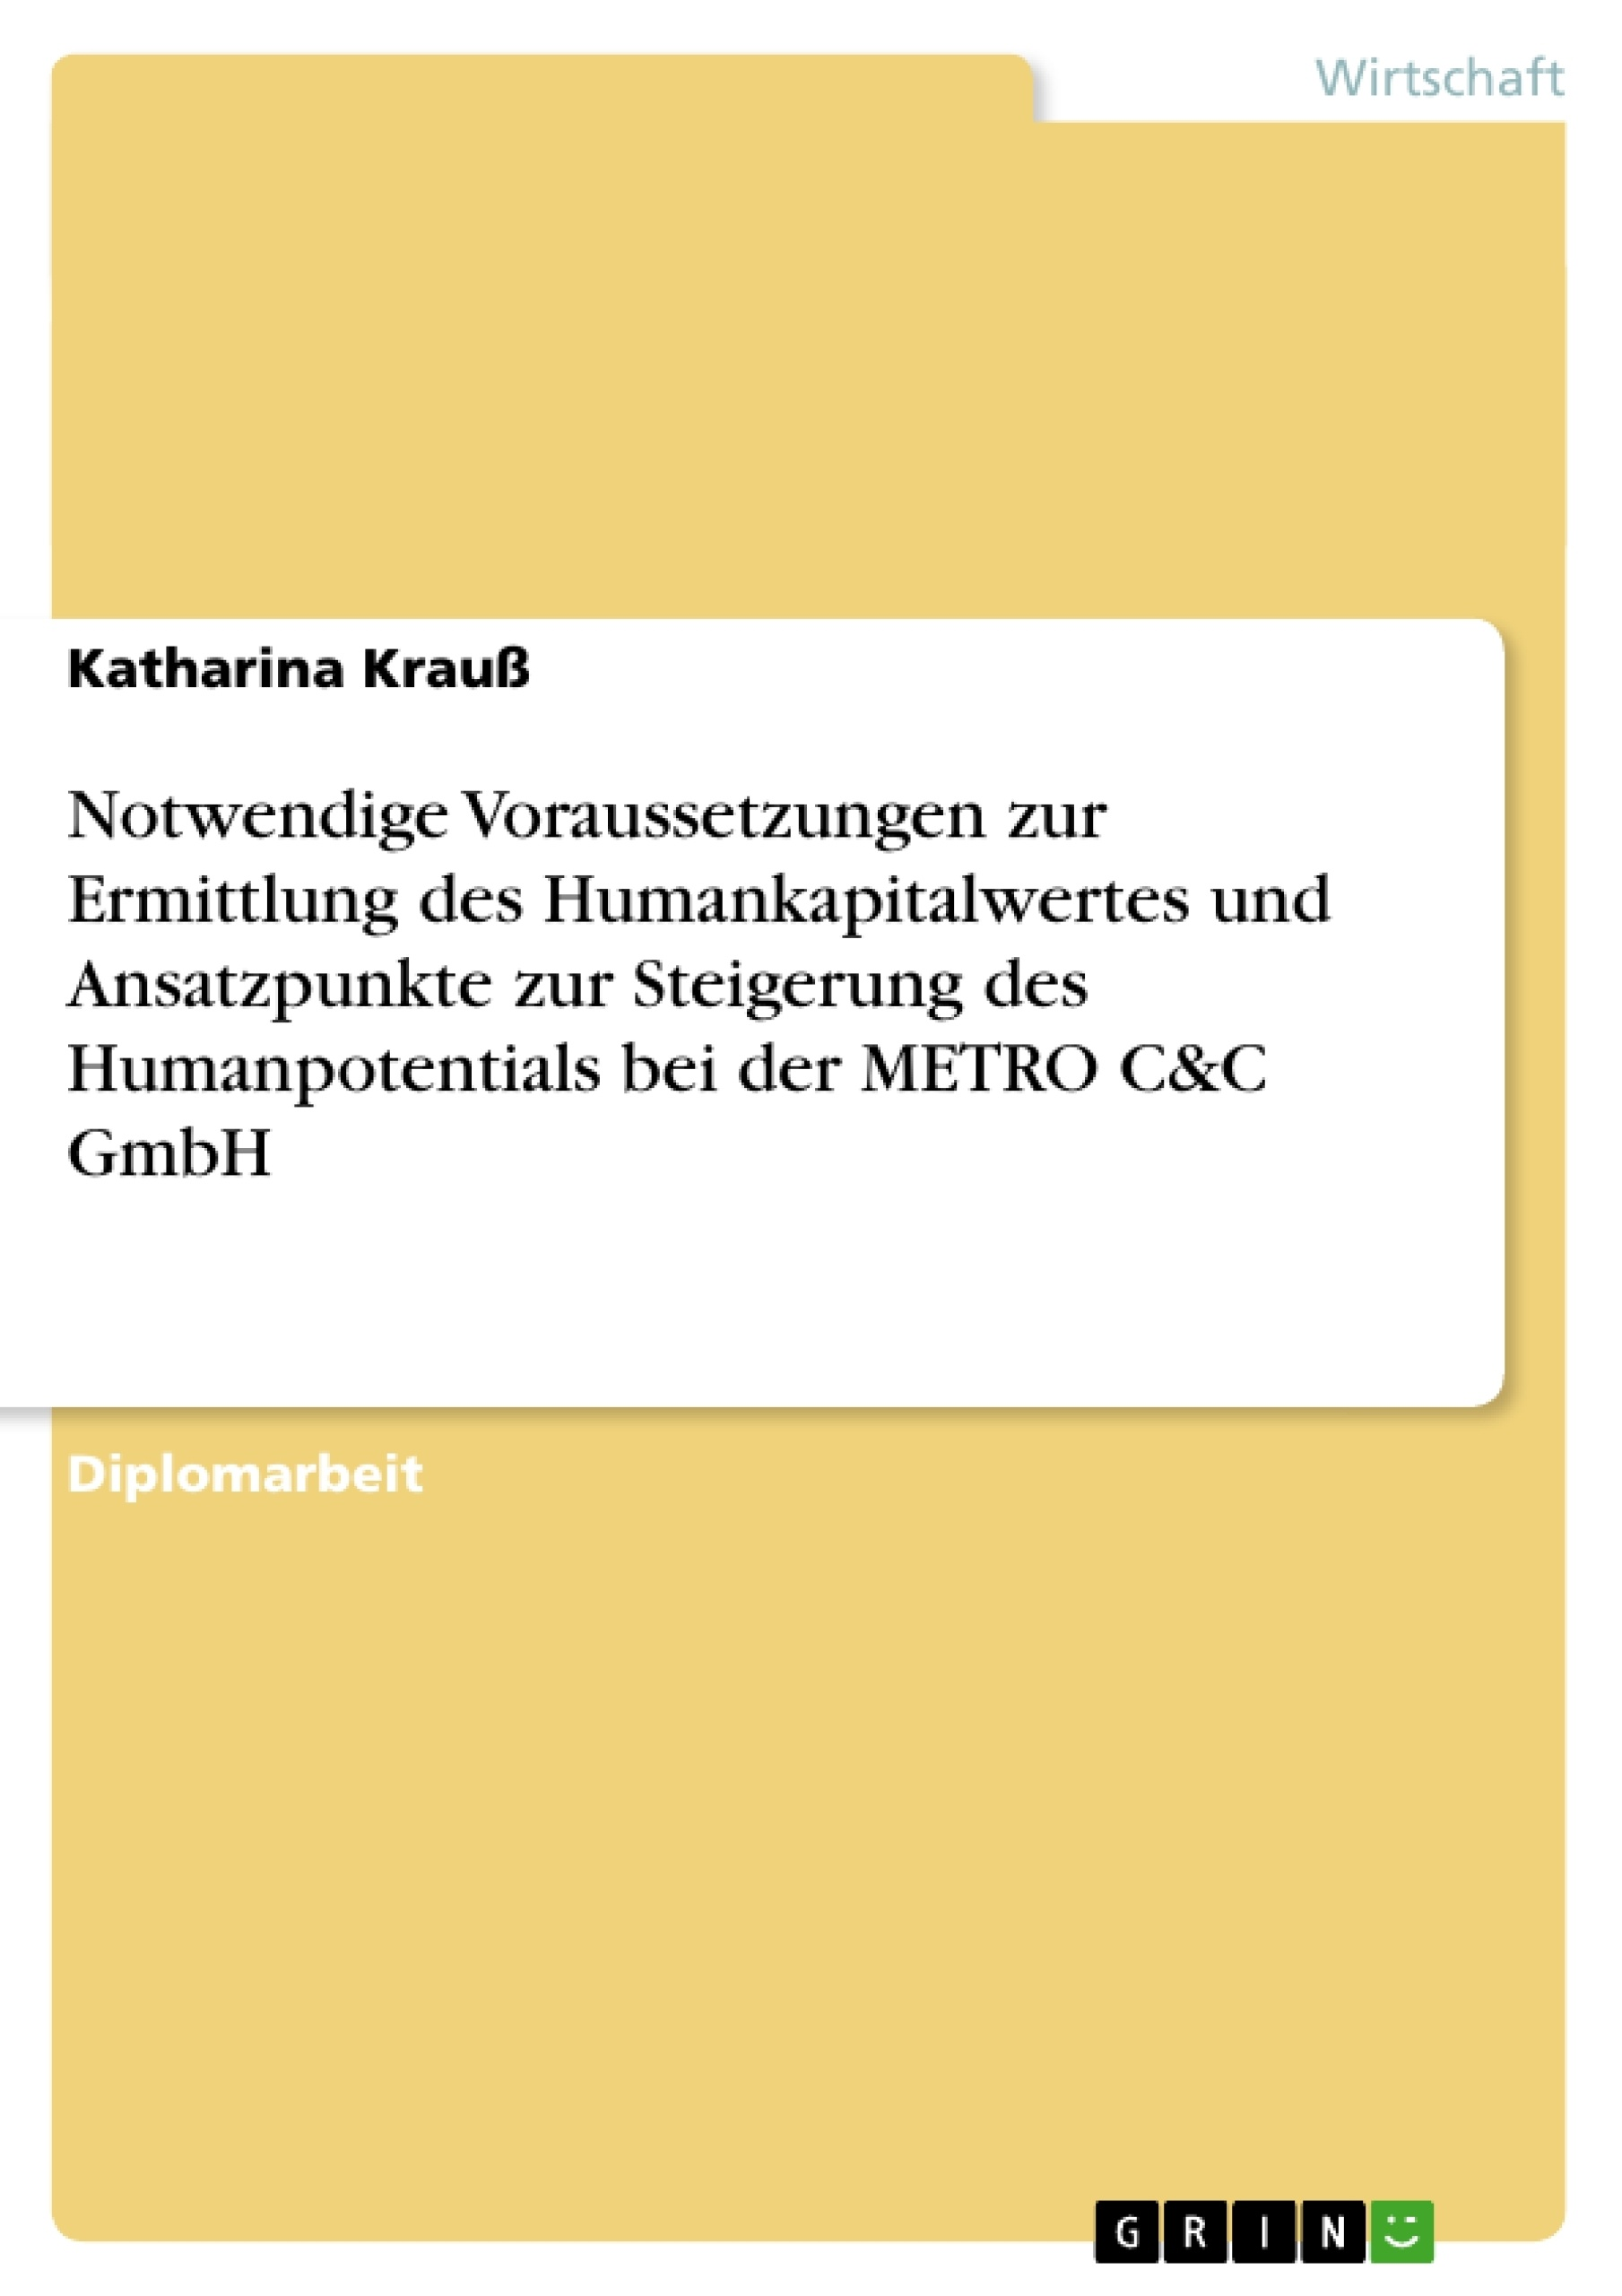 Titel: Notwendige Voraussetzungen zur Ermittlung des Humankapitalwertes und Ansatzpunkte zur Steigerung des Humanpotentials bei der METRO C&C GmbH